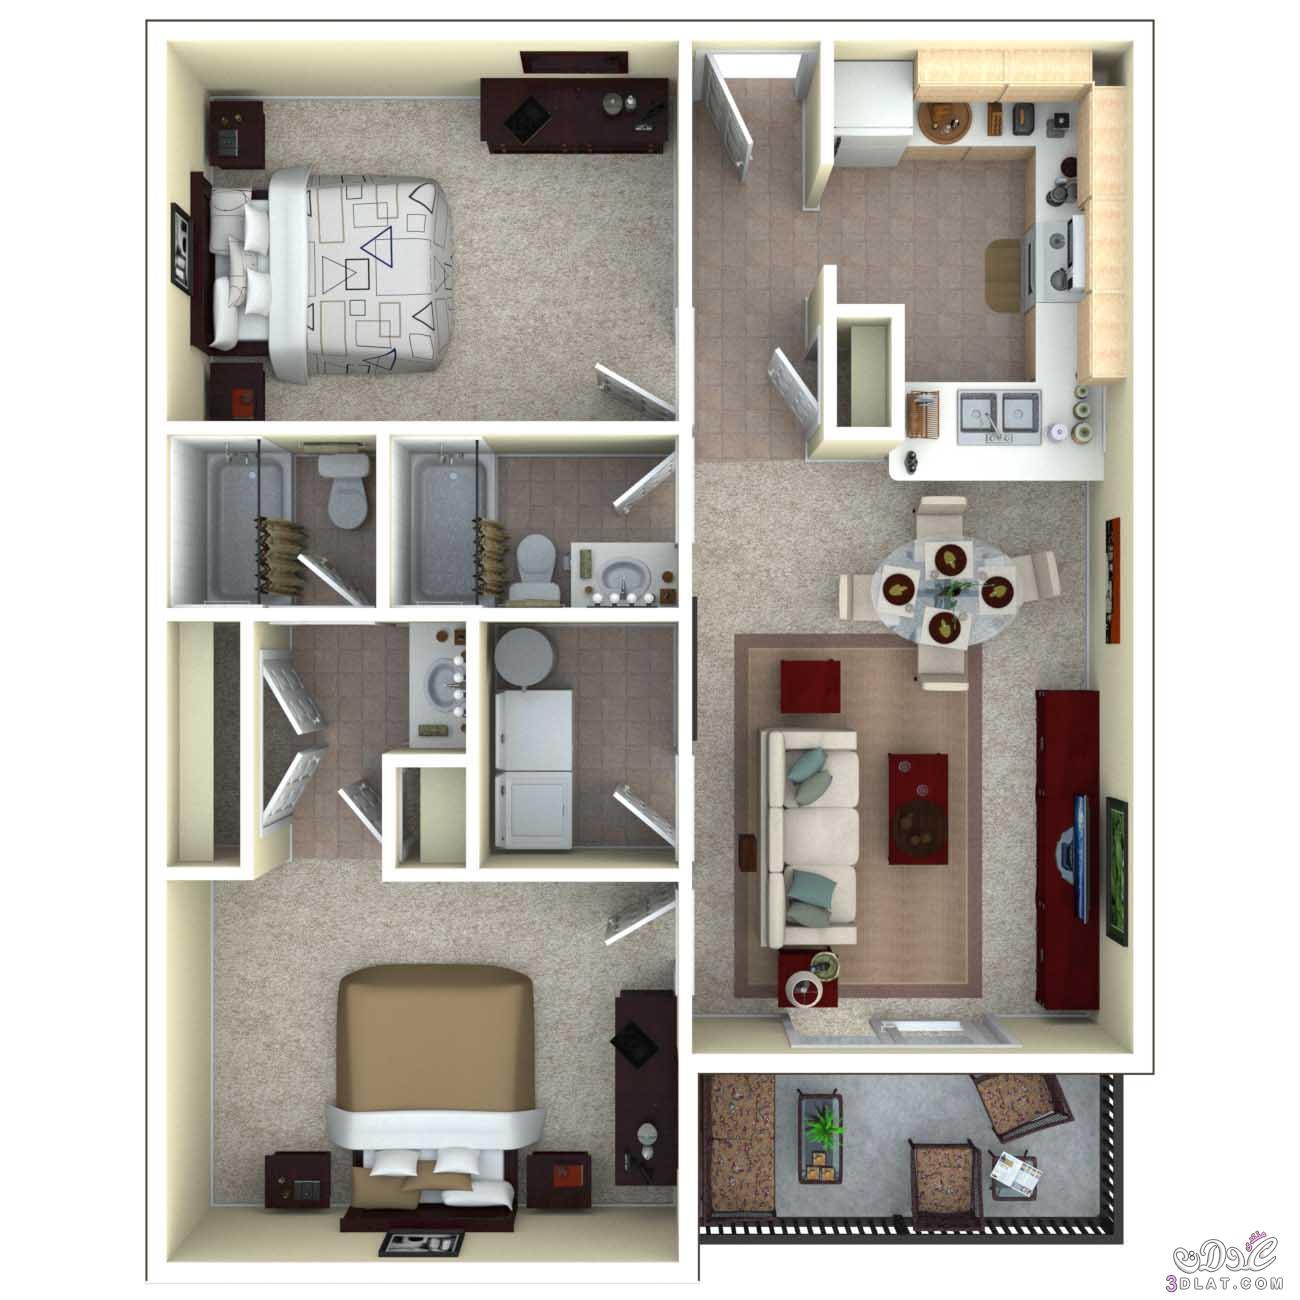 70 Simple Home Office Decor Ideas For Men: صور خرائط وتصاميم منازل و شقق مساحات صغيرة ومتوسطة تصاميم